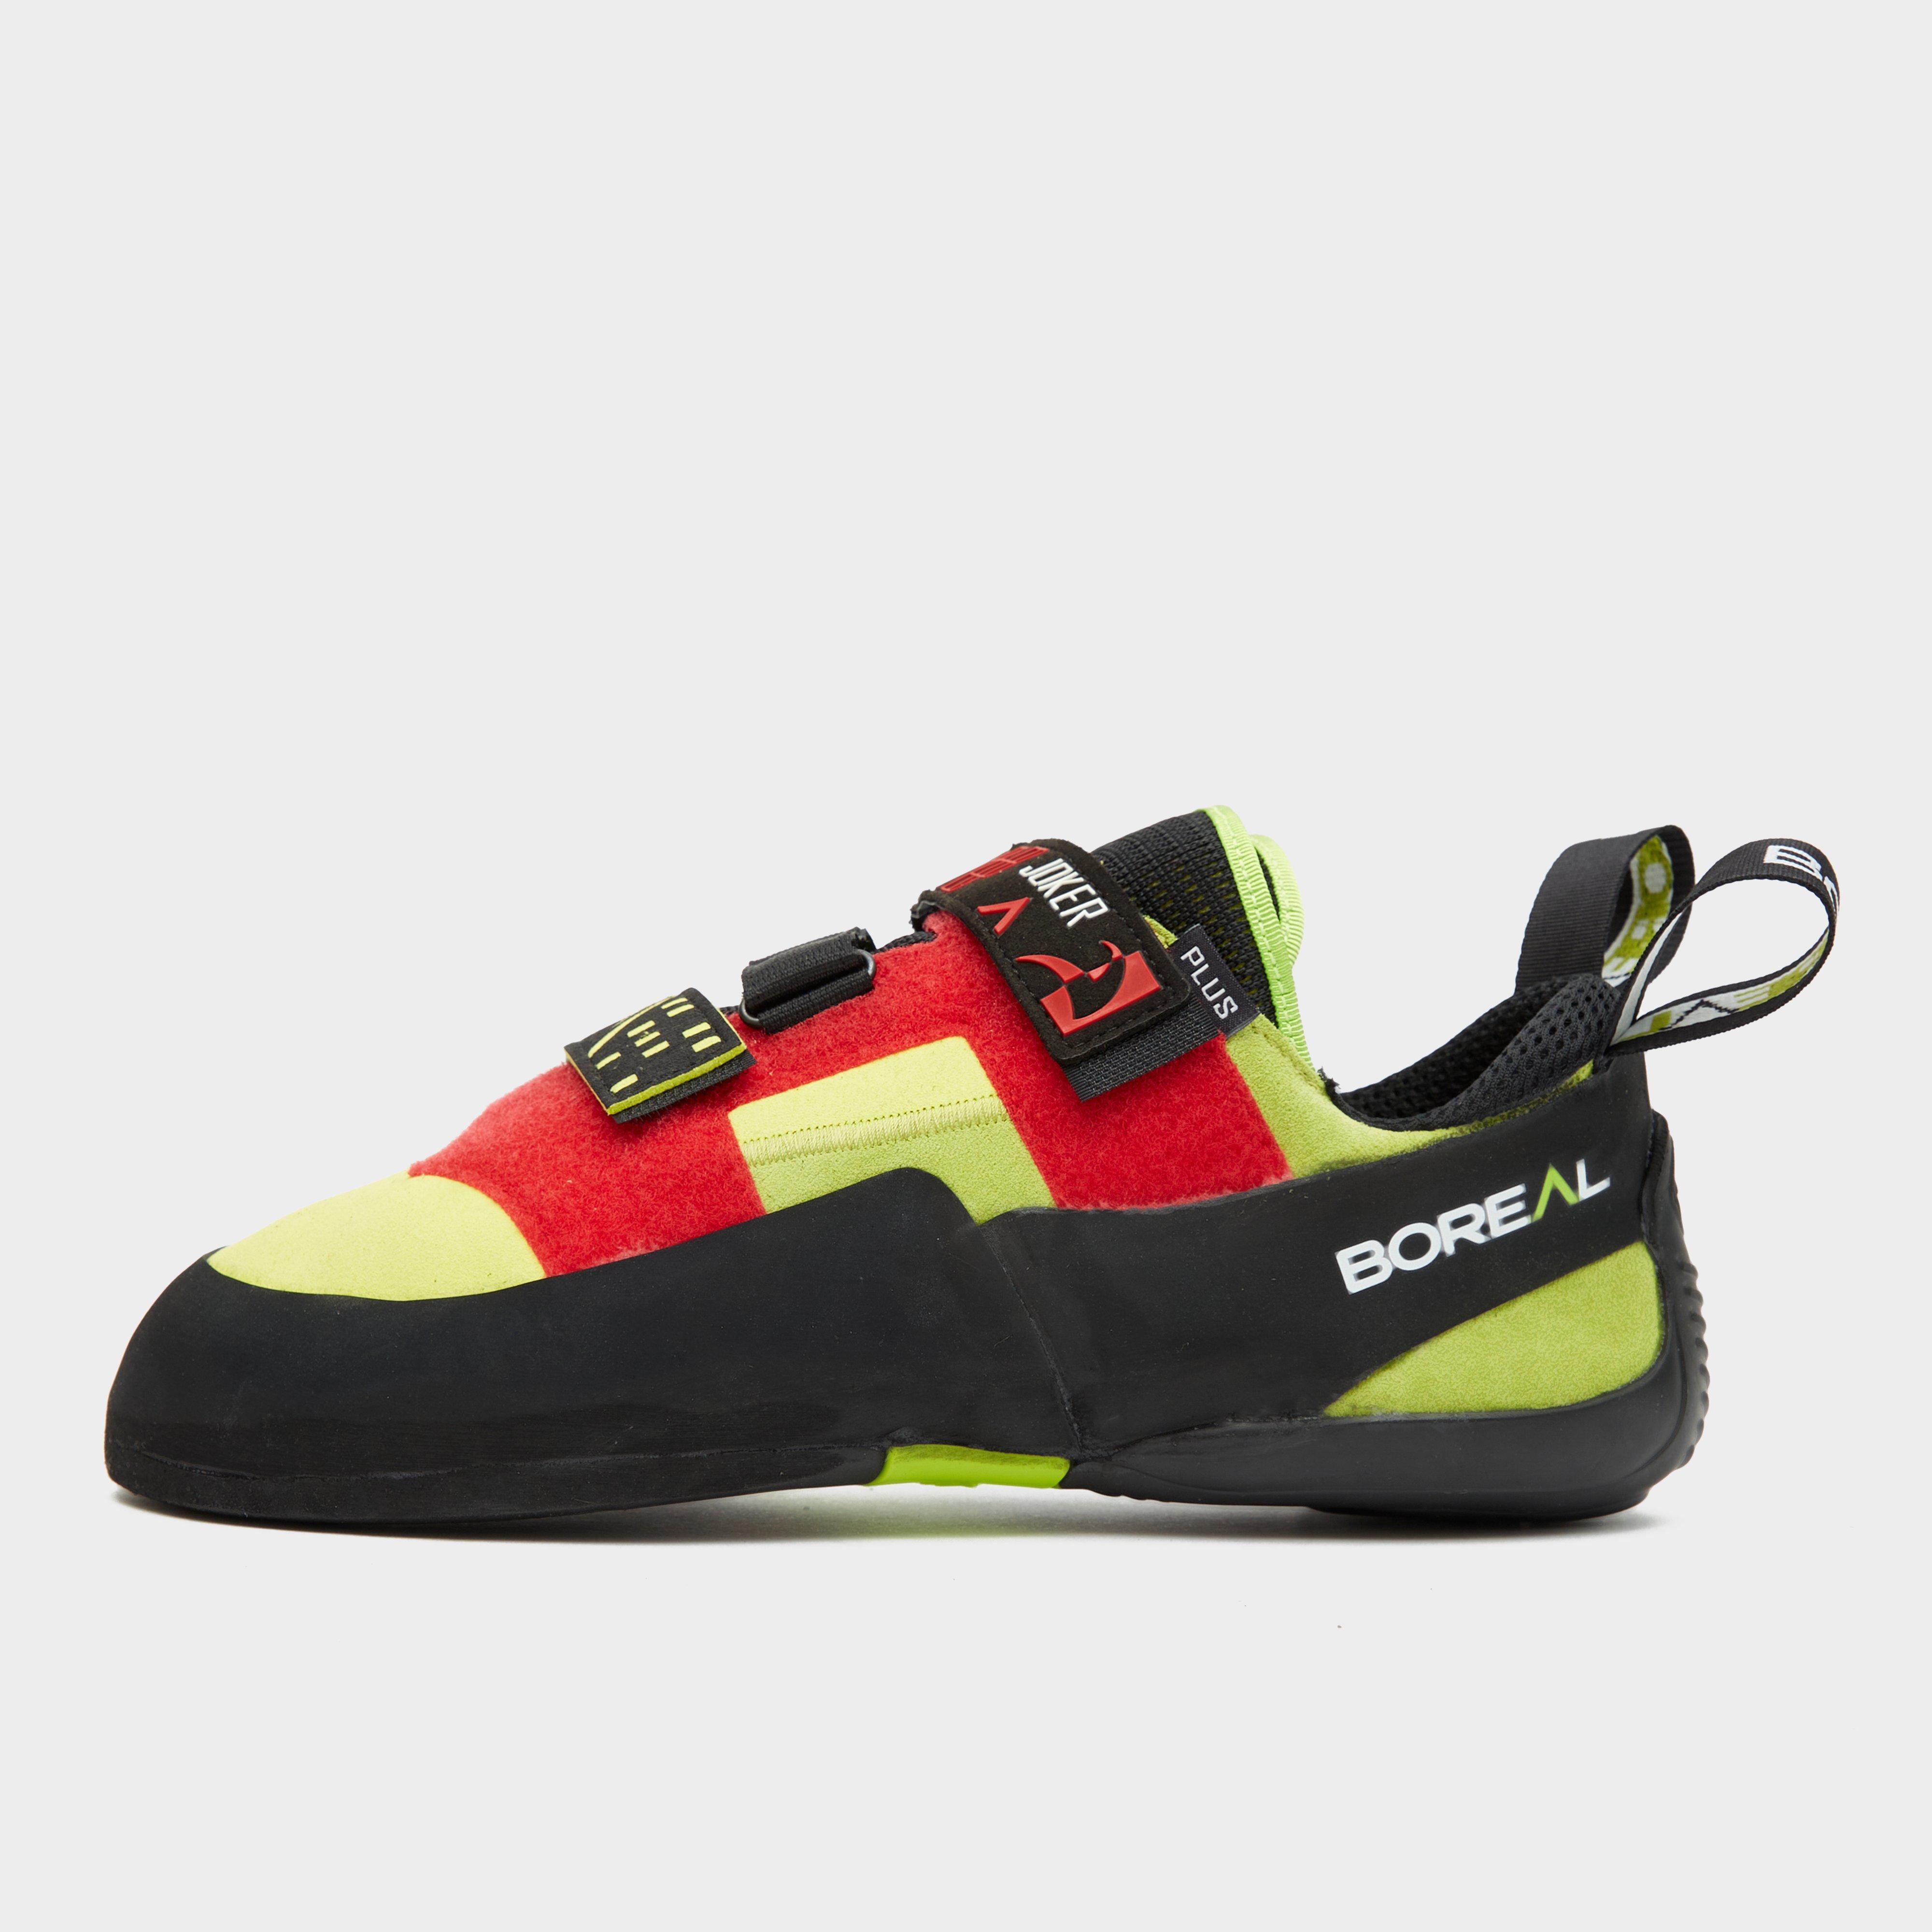 Boreal Joker Plus Mens Climbing Shoe - Multi/plus  Multi/plus